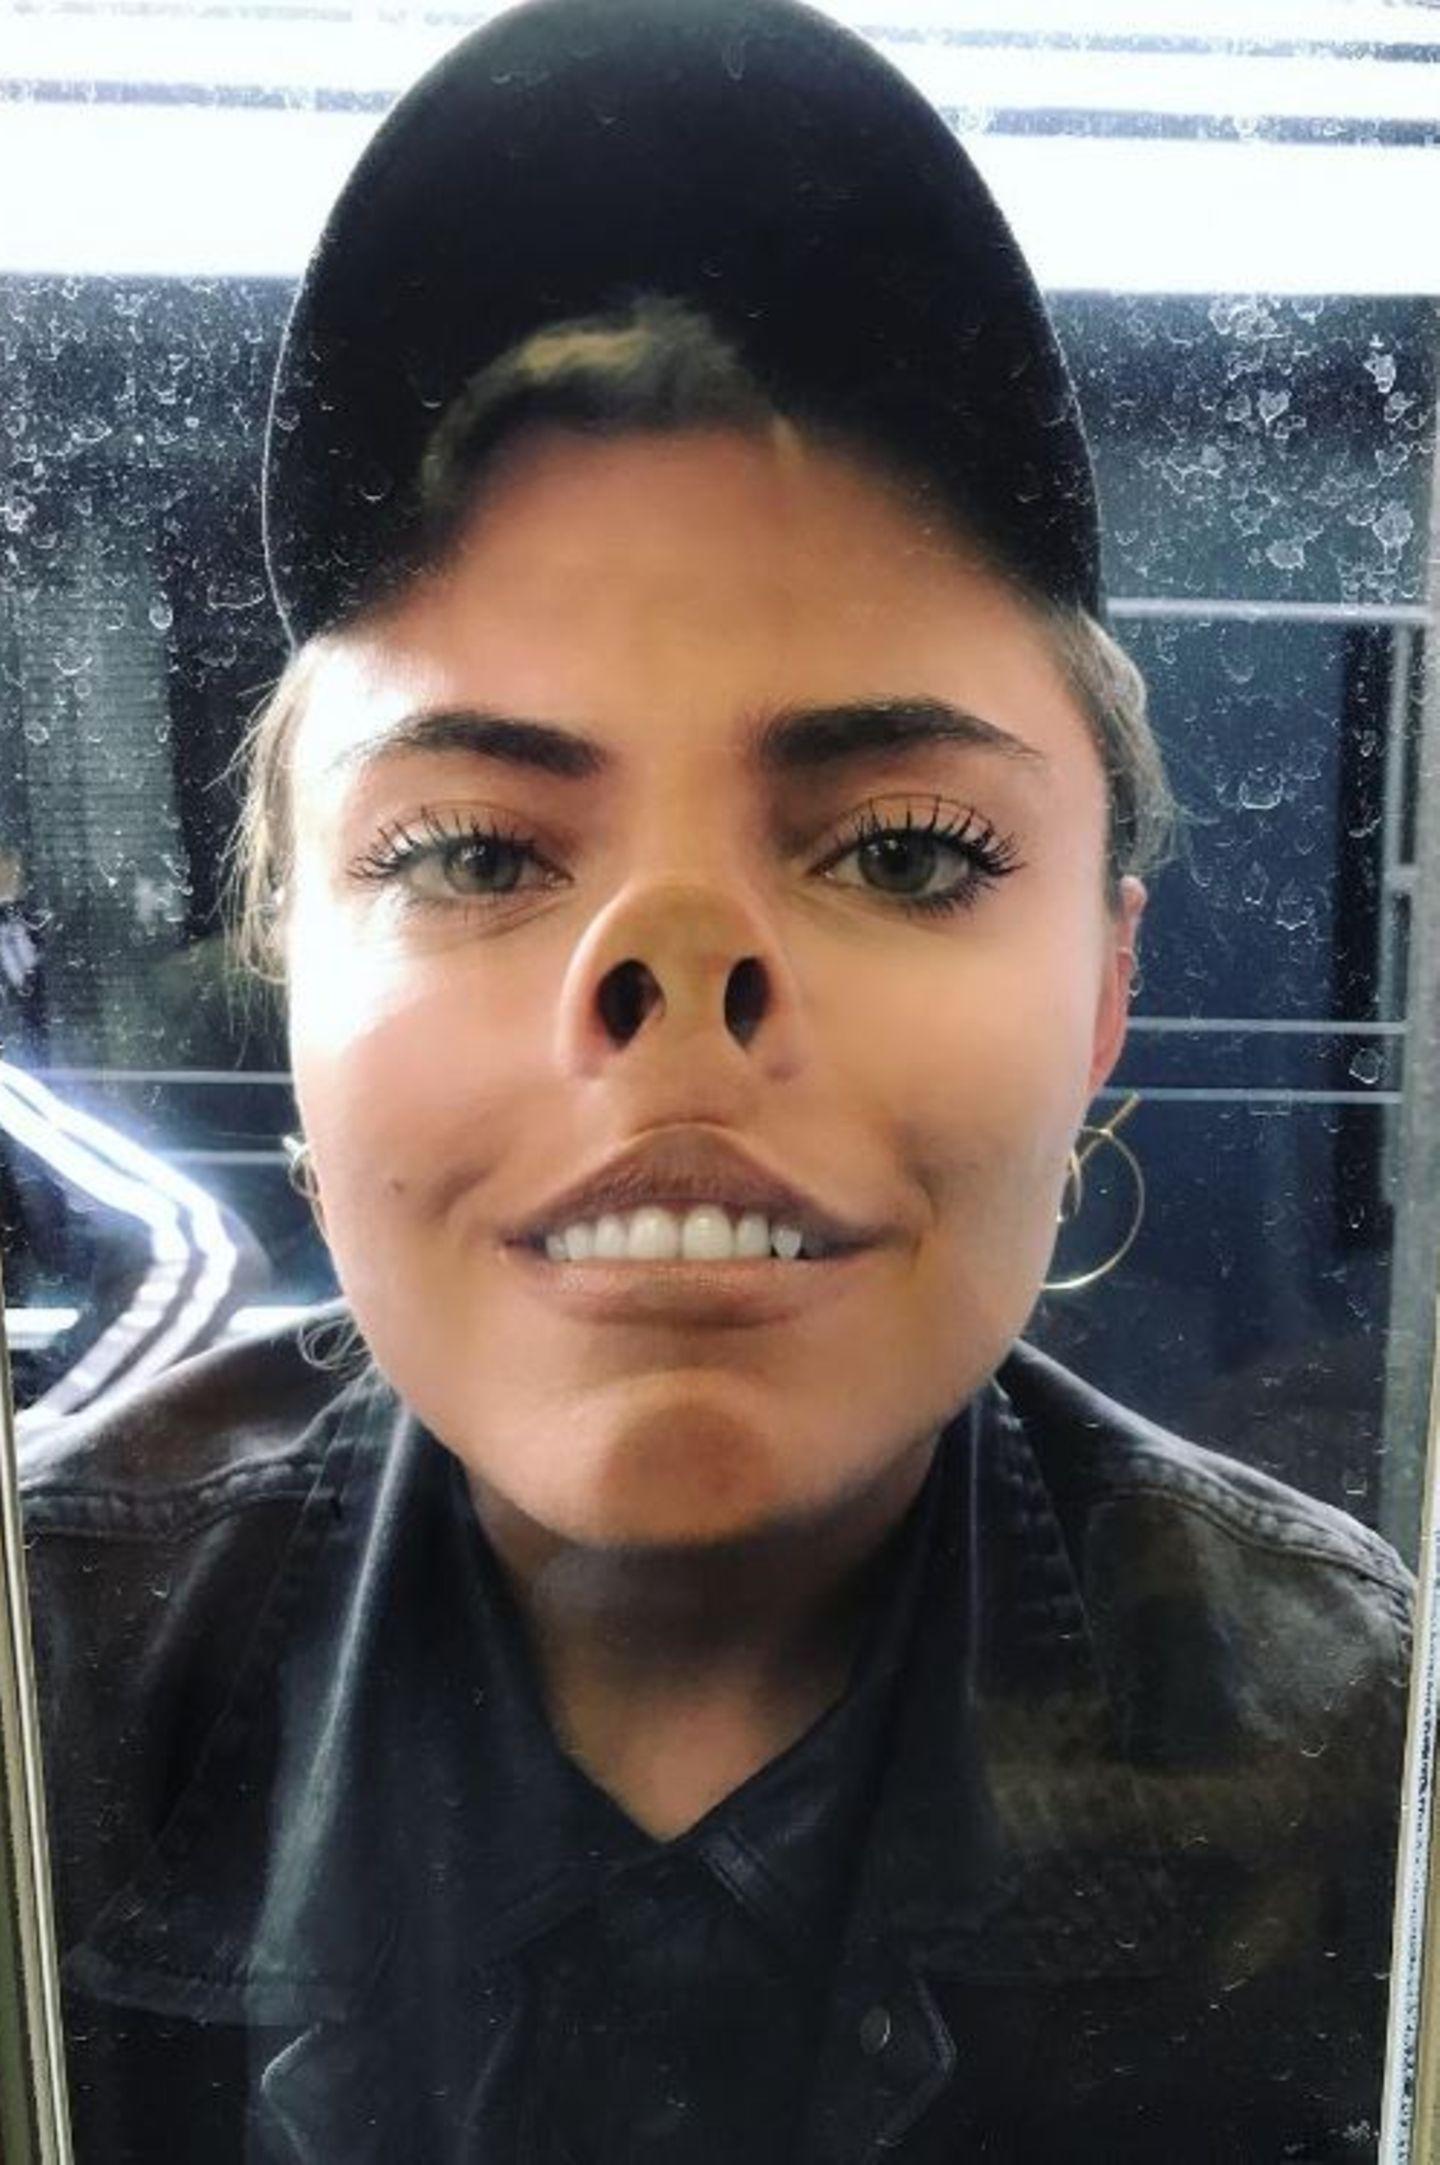 """Da drückt sie sich die Nase platt: """"Ich schwör ich hab 'n schönen Charakter"""", postet Sophia Thomalla zu ihrem schrägen Foto."""